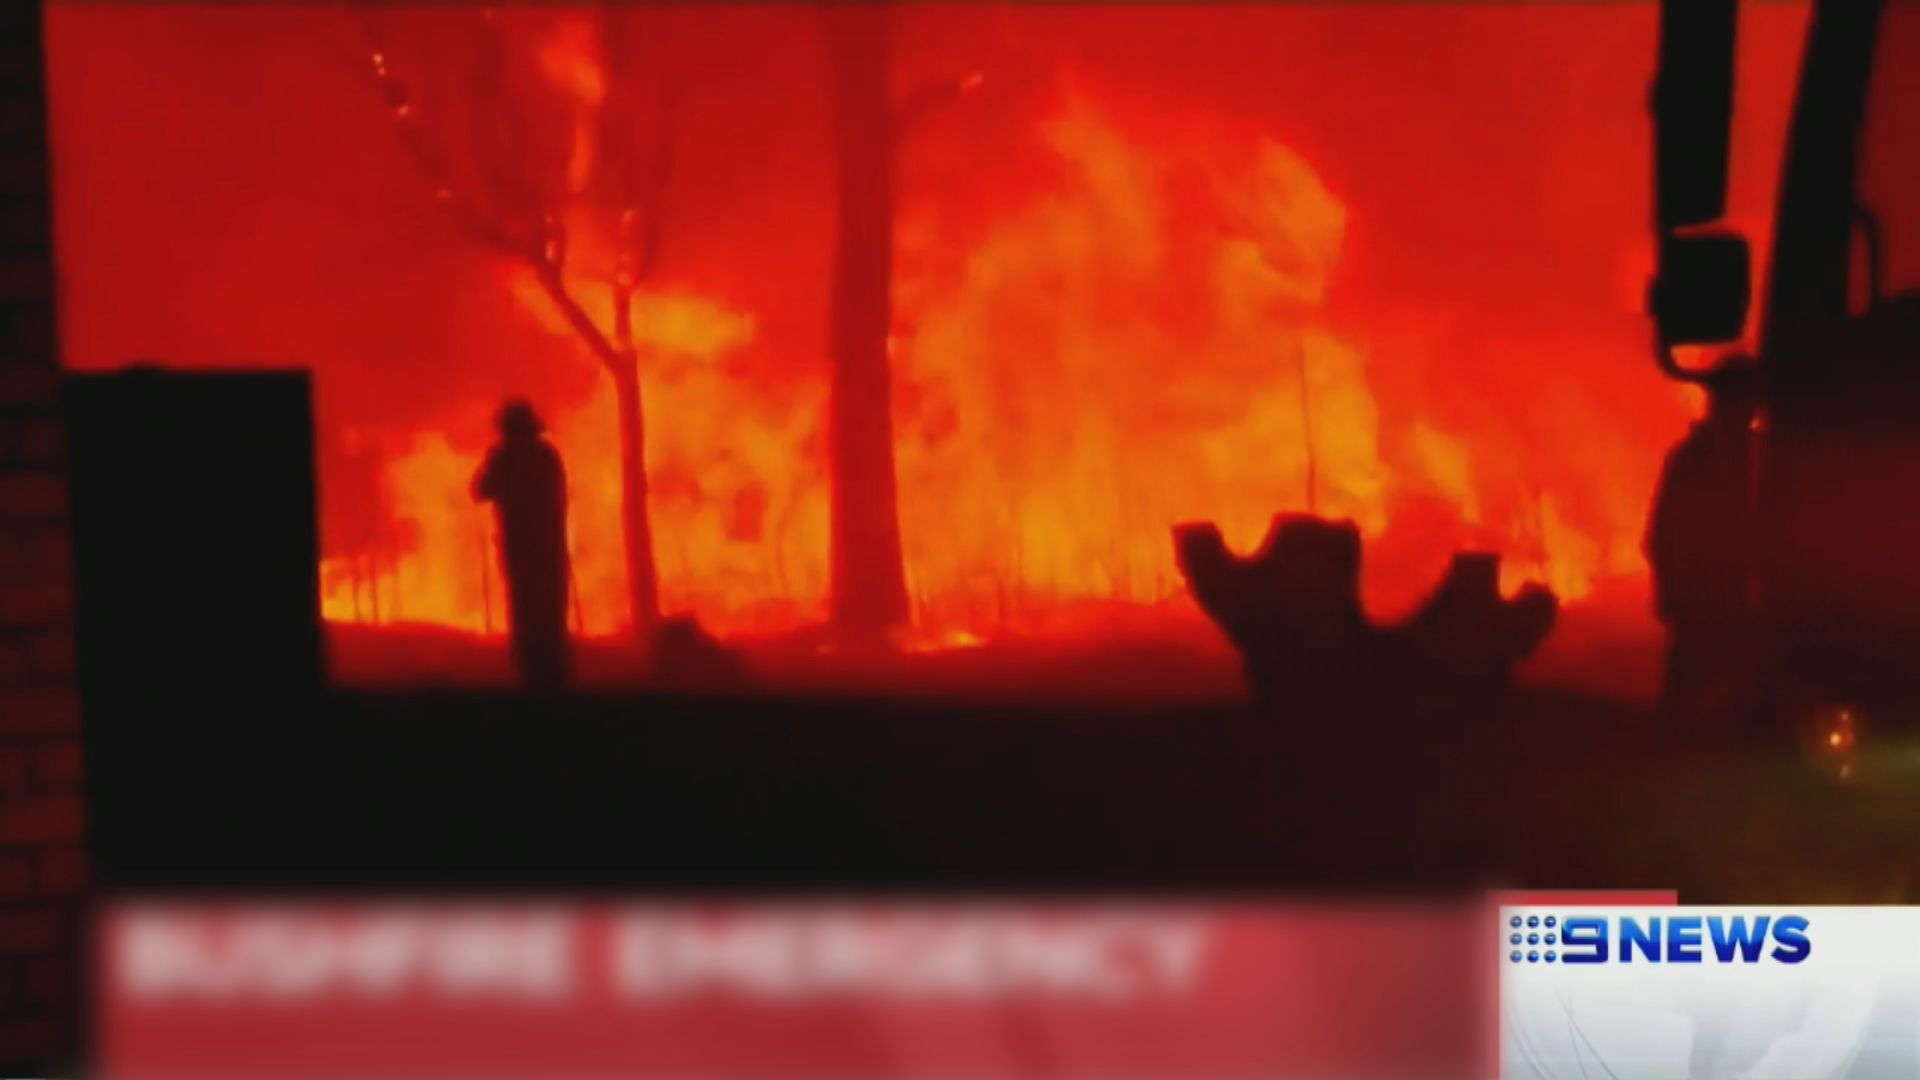 澳洲東部山火數十間房屋燒毀一人嚴重燒傷